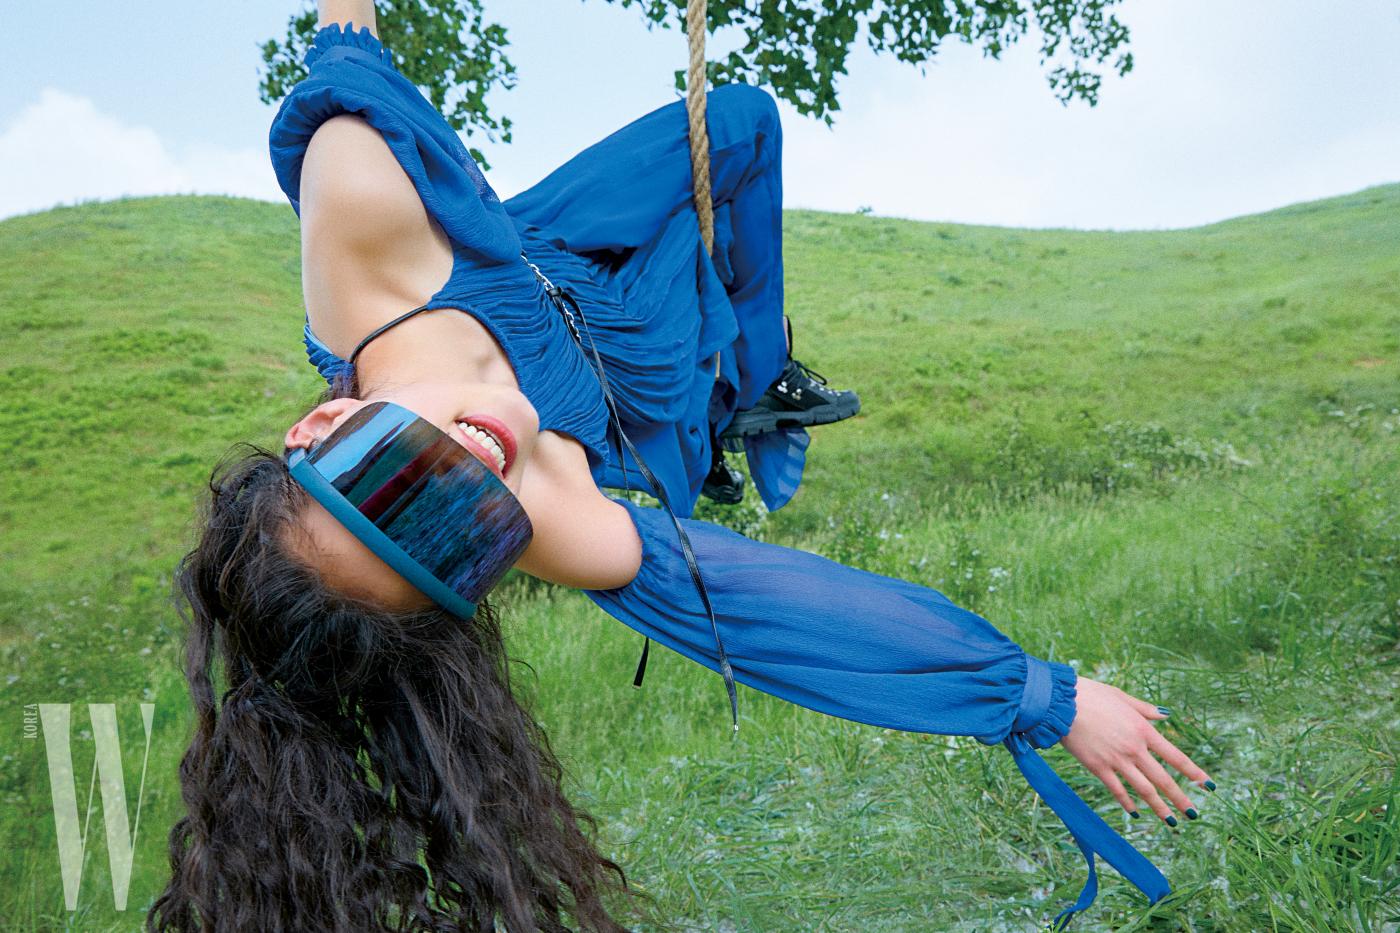 선캡 형태의 선글라스는 마이키타 ×버나드 윌헴 by 지오아이. 64만원대. 어깨가 커팅된 푸른색 드레스는 루이 비통 제품. 1천45만원. 신발은 구찌 제품. 1백48만원.